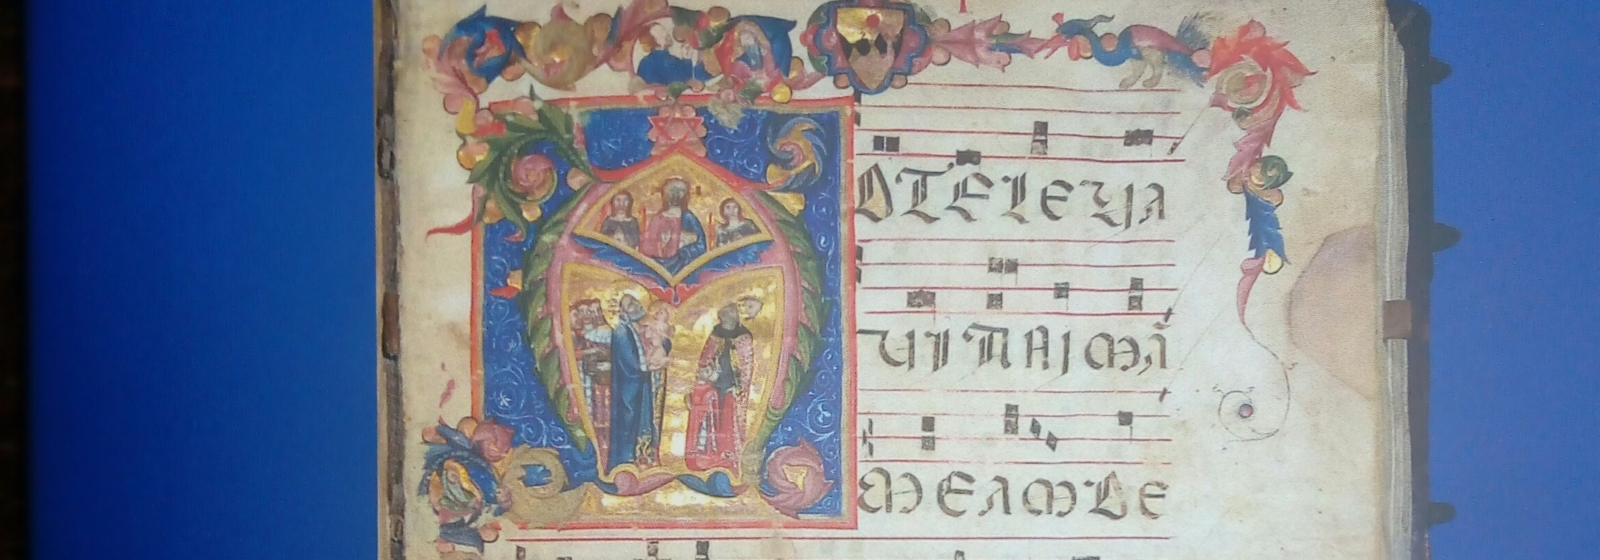 Franciscus vir catholicus, pubblicati gli Atti della Giornata di studio